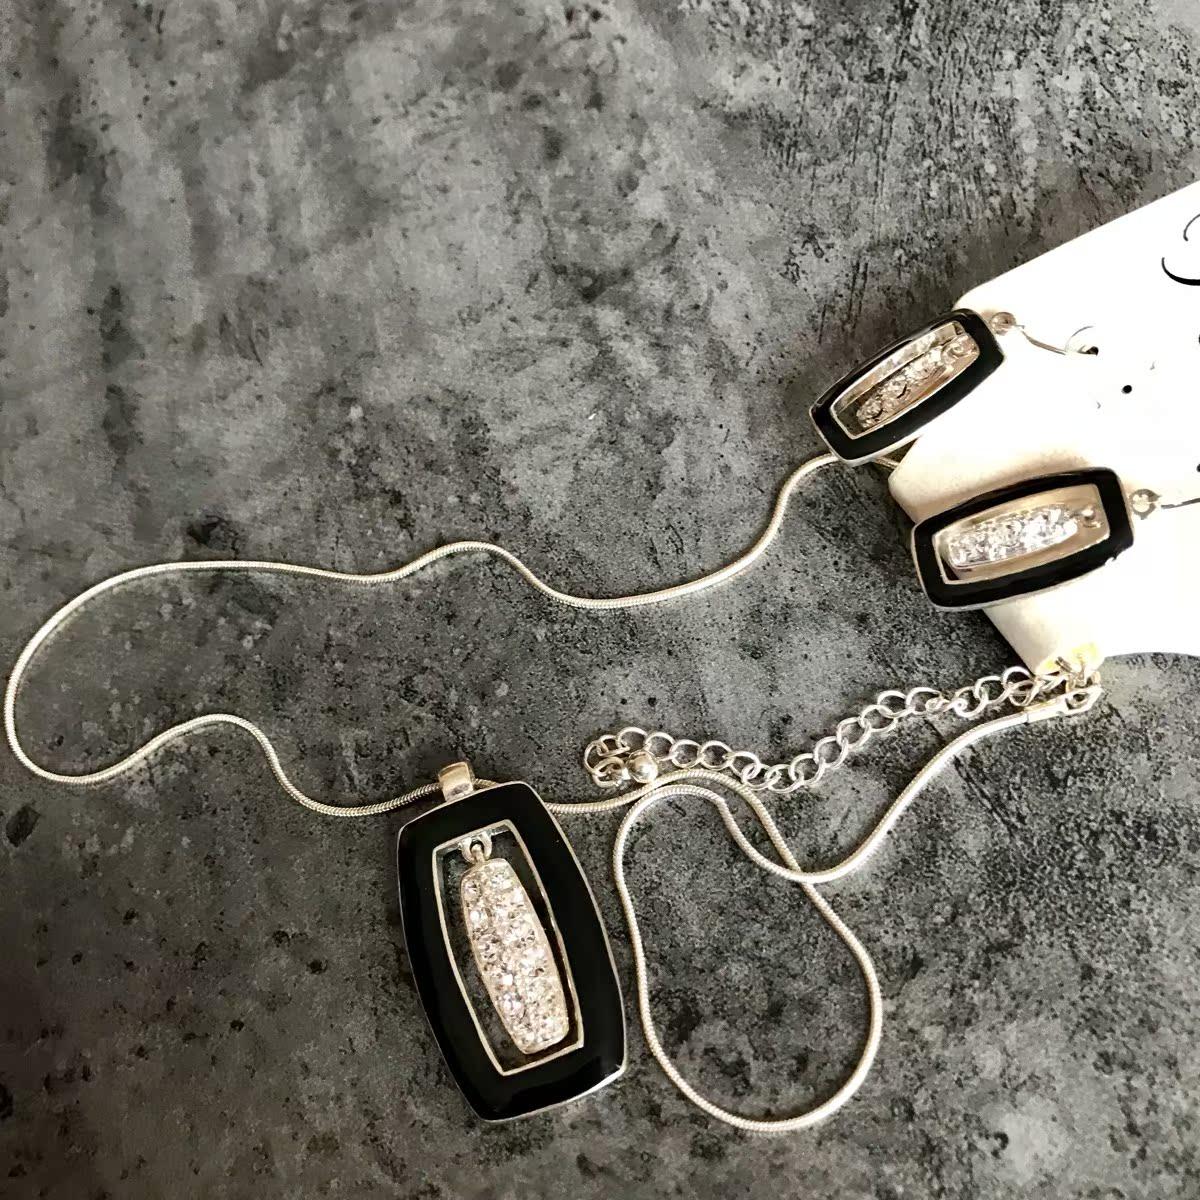 复古黑色时尚滴油工艺耳环方形莱茵石项链毛衣链女项链吊坠一套